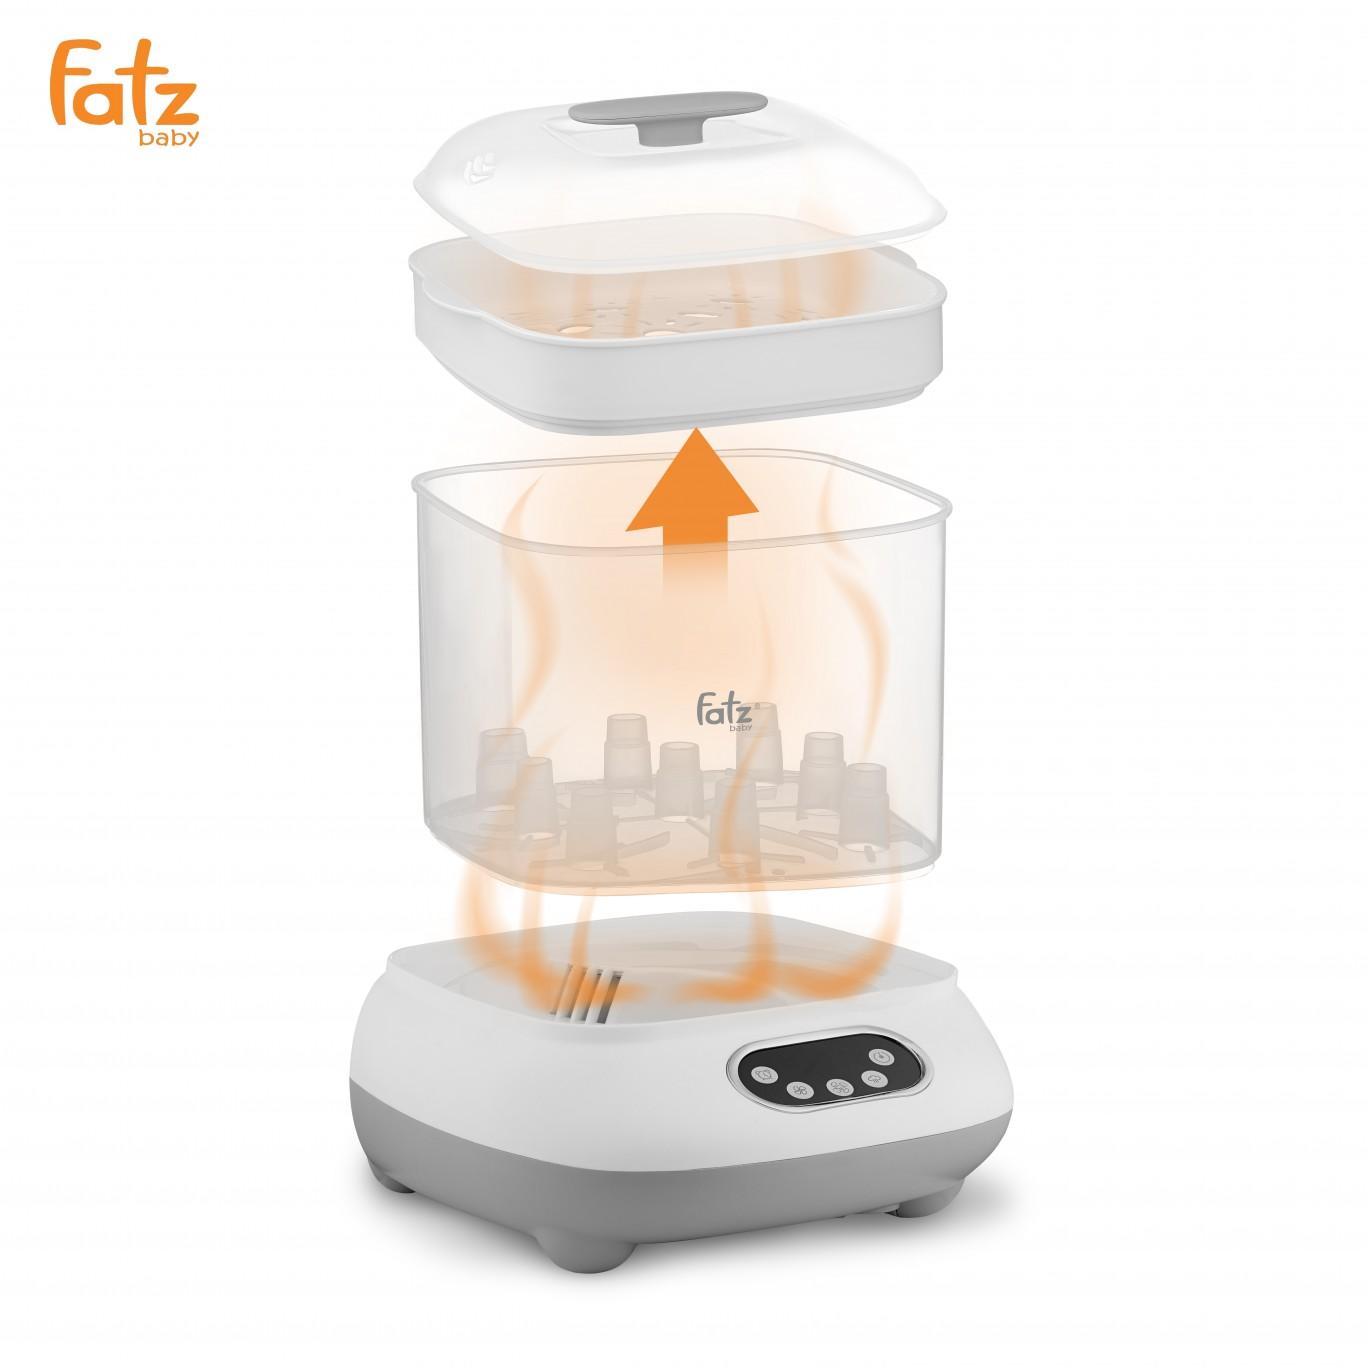 Công dụng của máy tiệt trùng bình sữa Fatzbaby